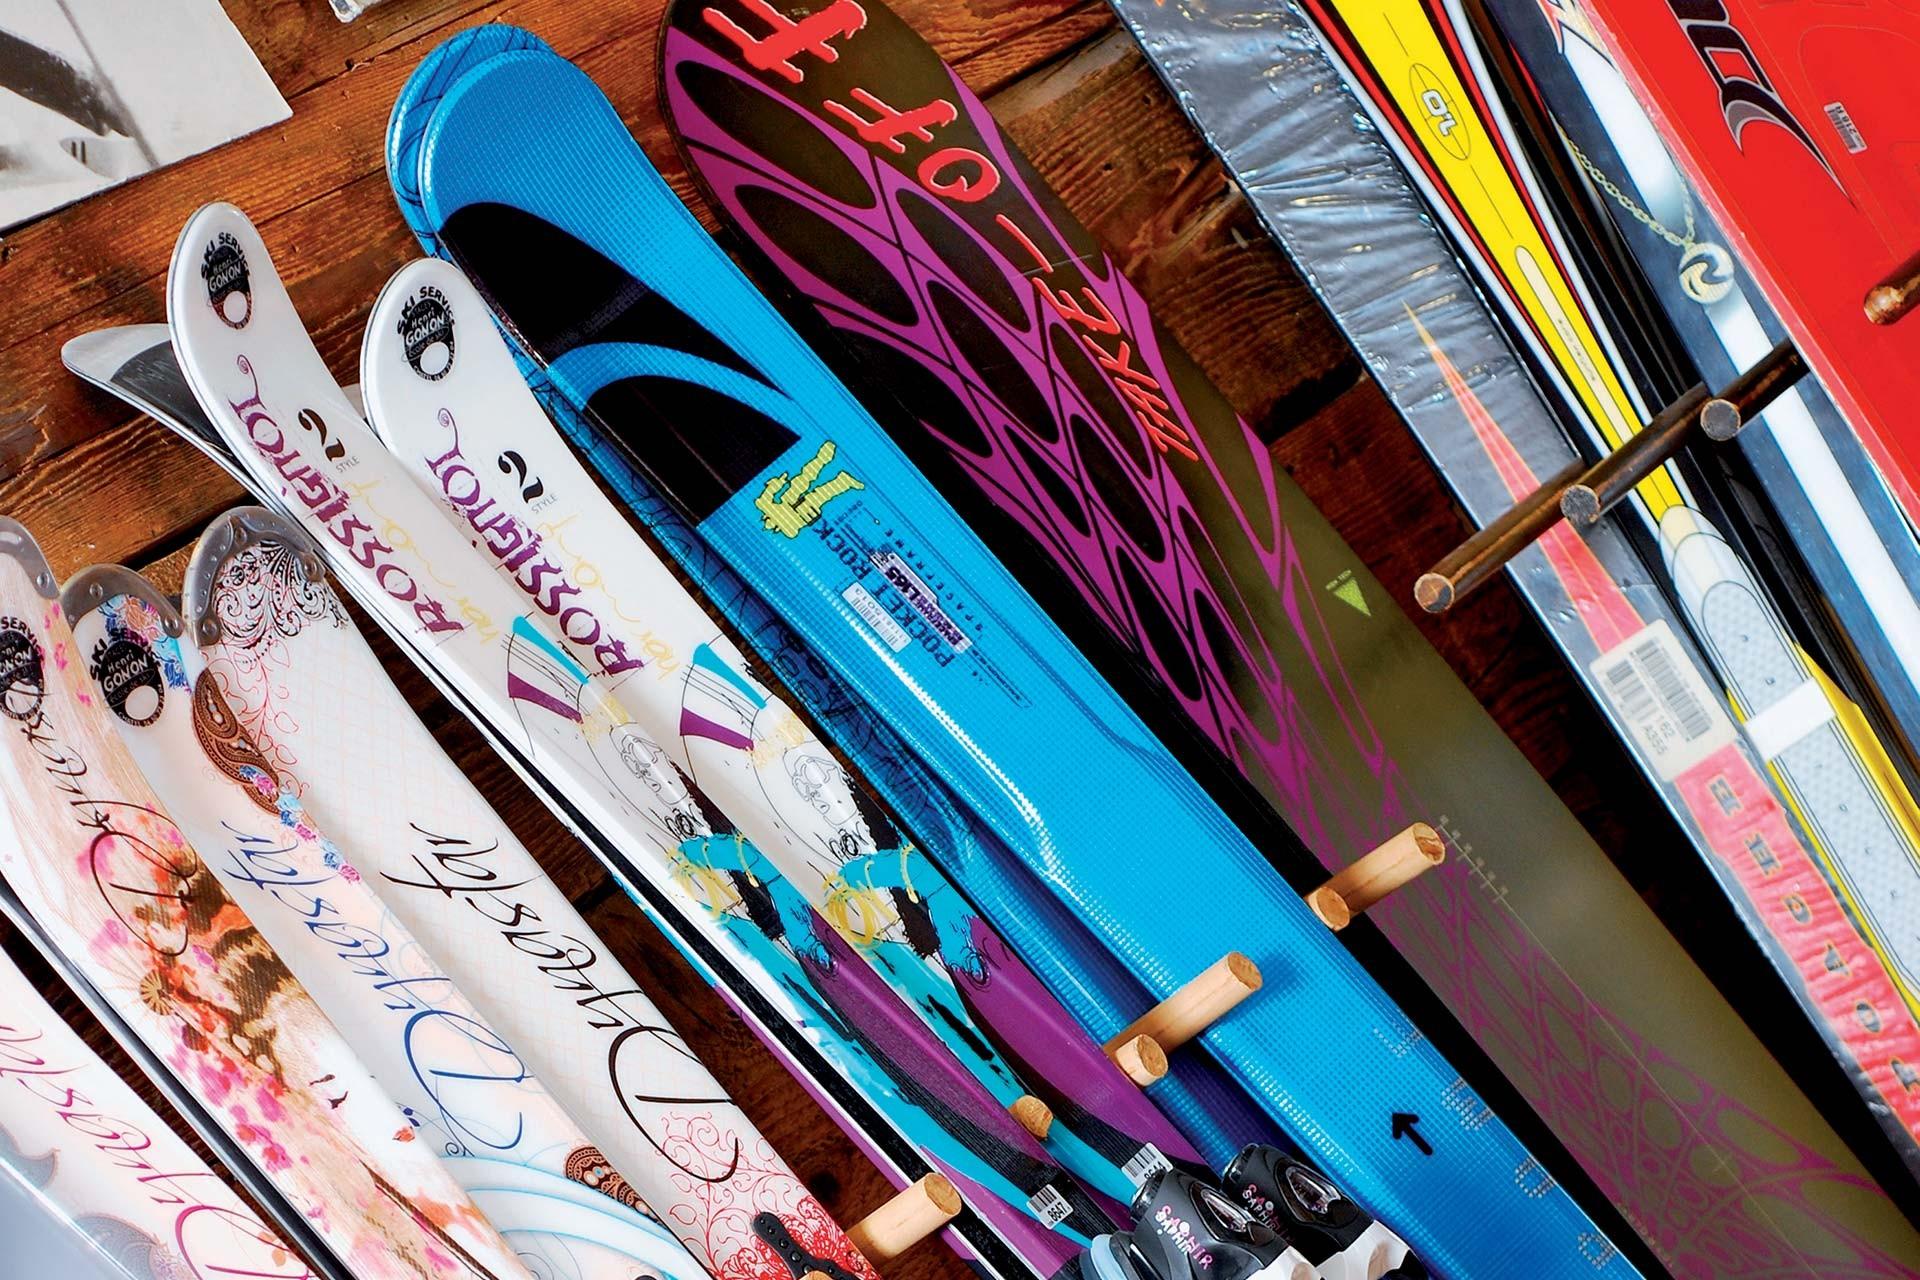 Ski rental, ski sales, ski lockers